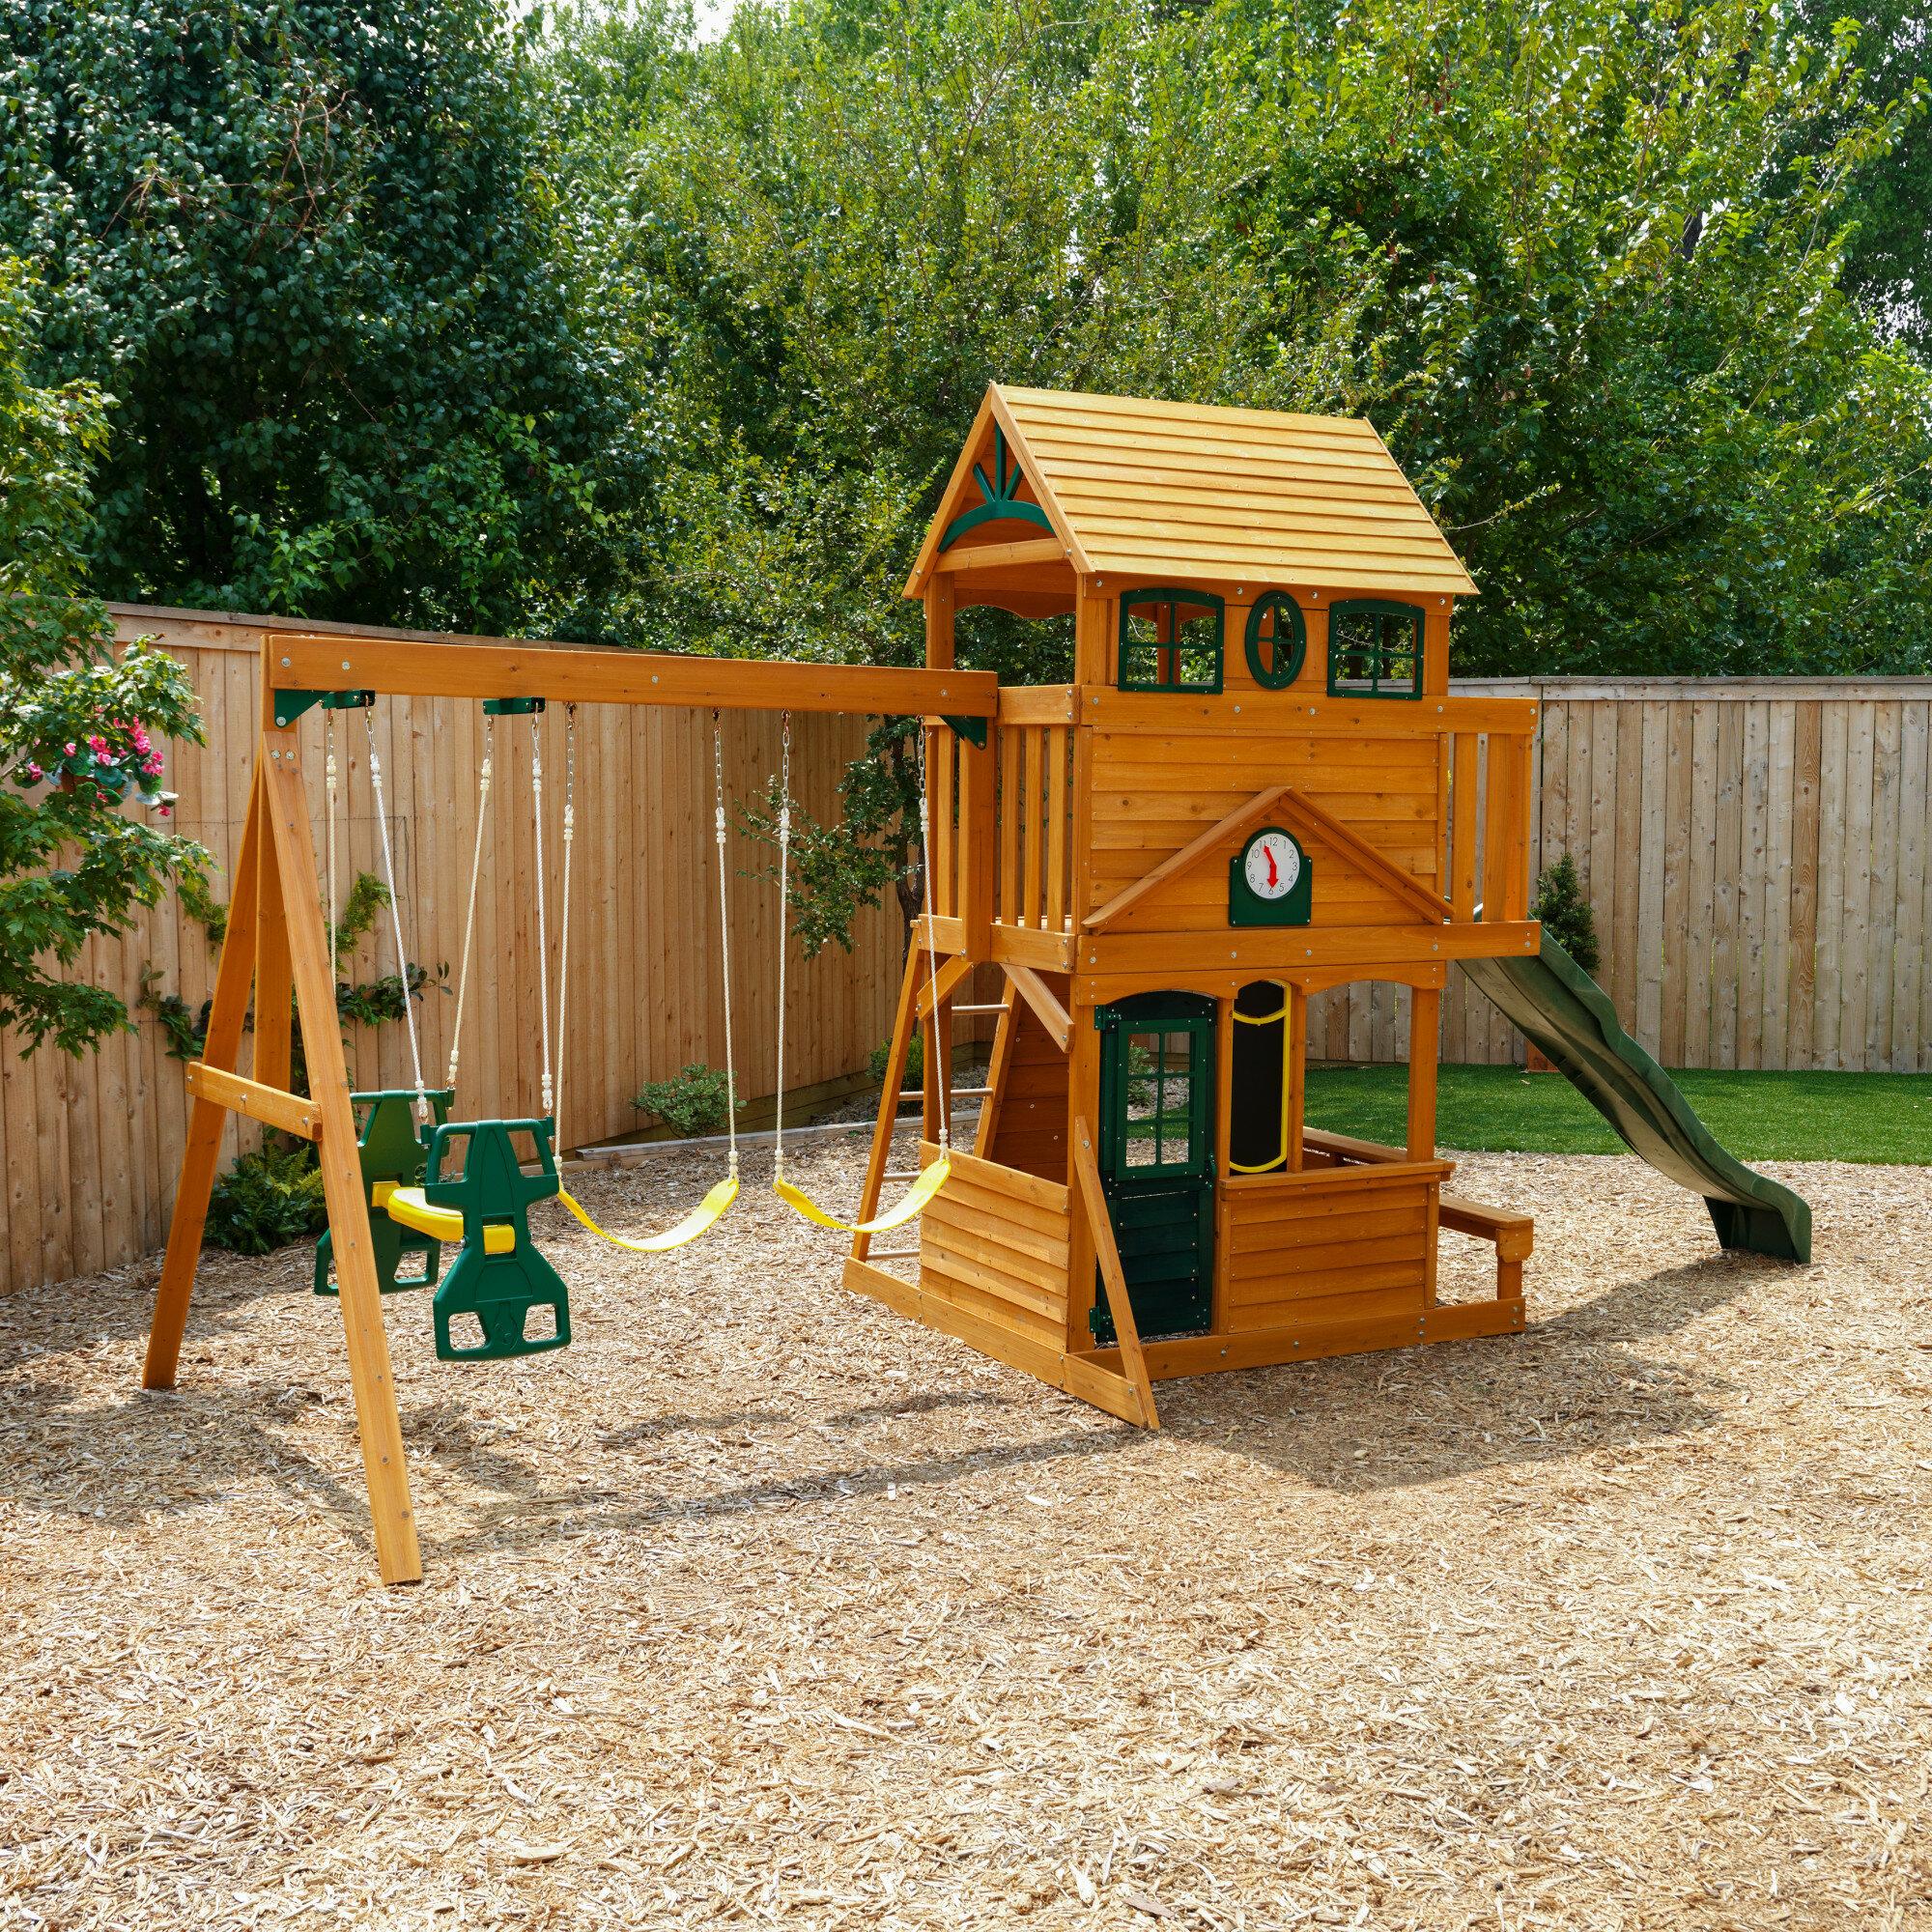 Kidkraft Ashberry Wooden Swing Set Reviews Wayfair